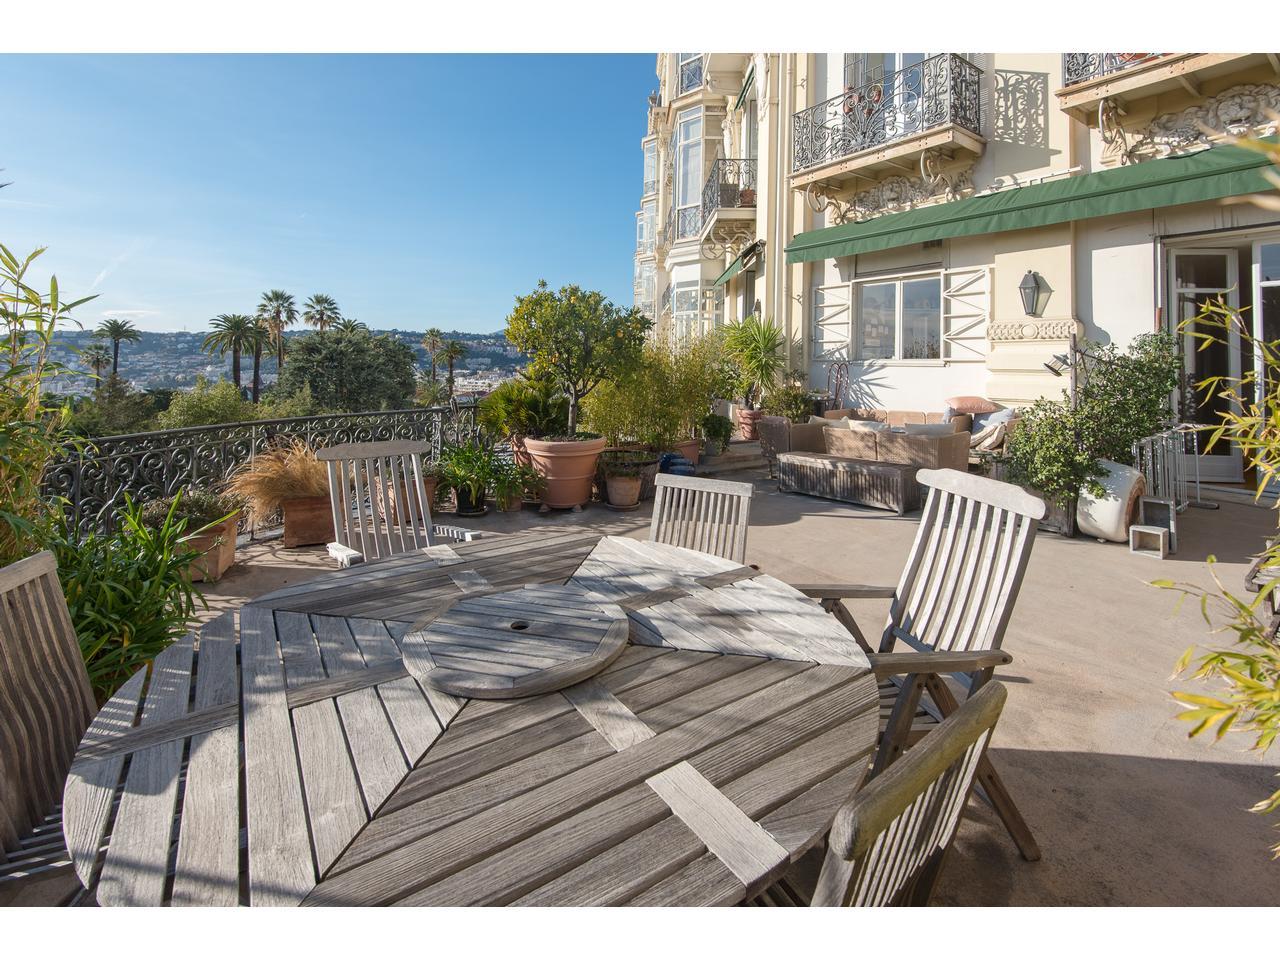 Appartement avec terrasse vue mer var